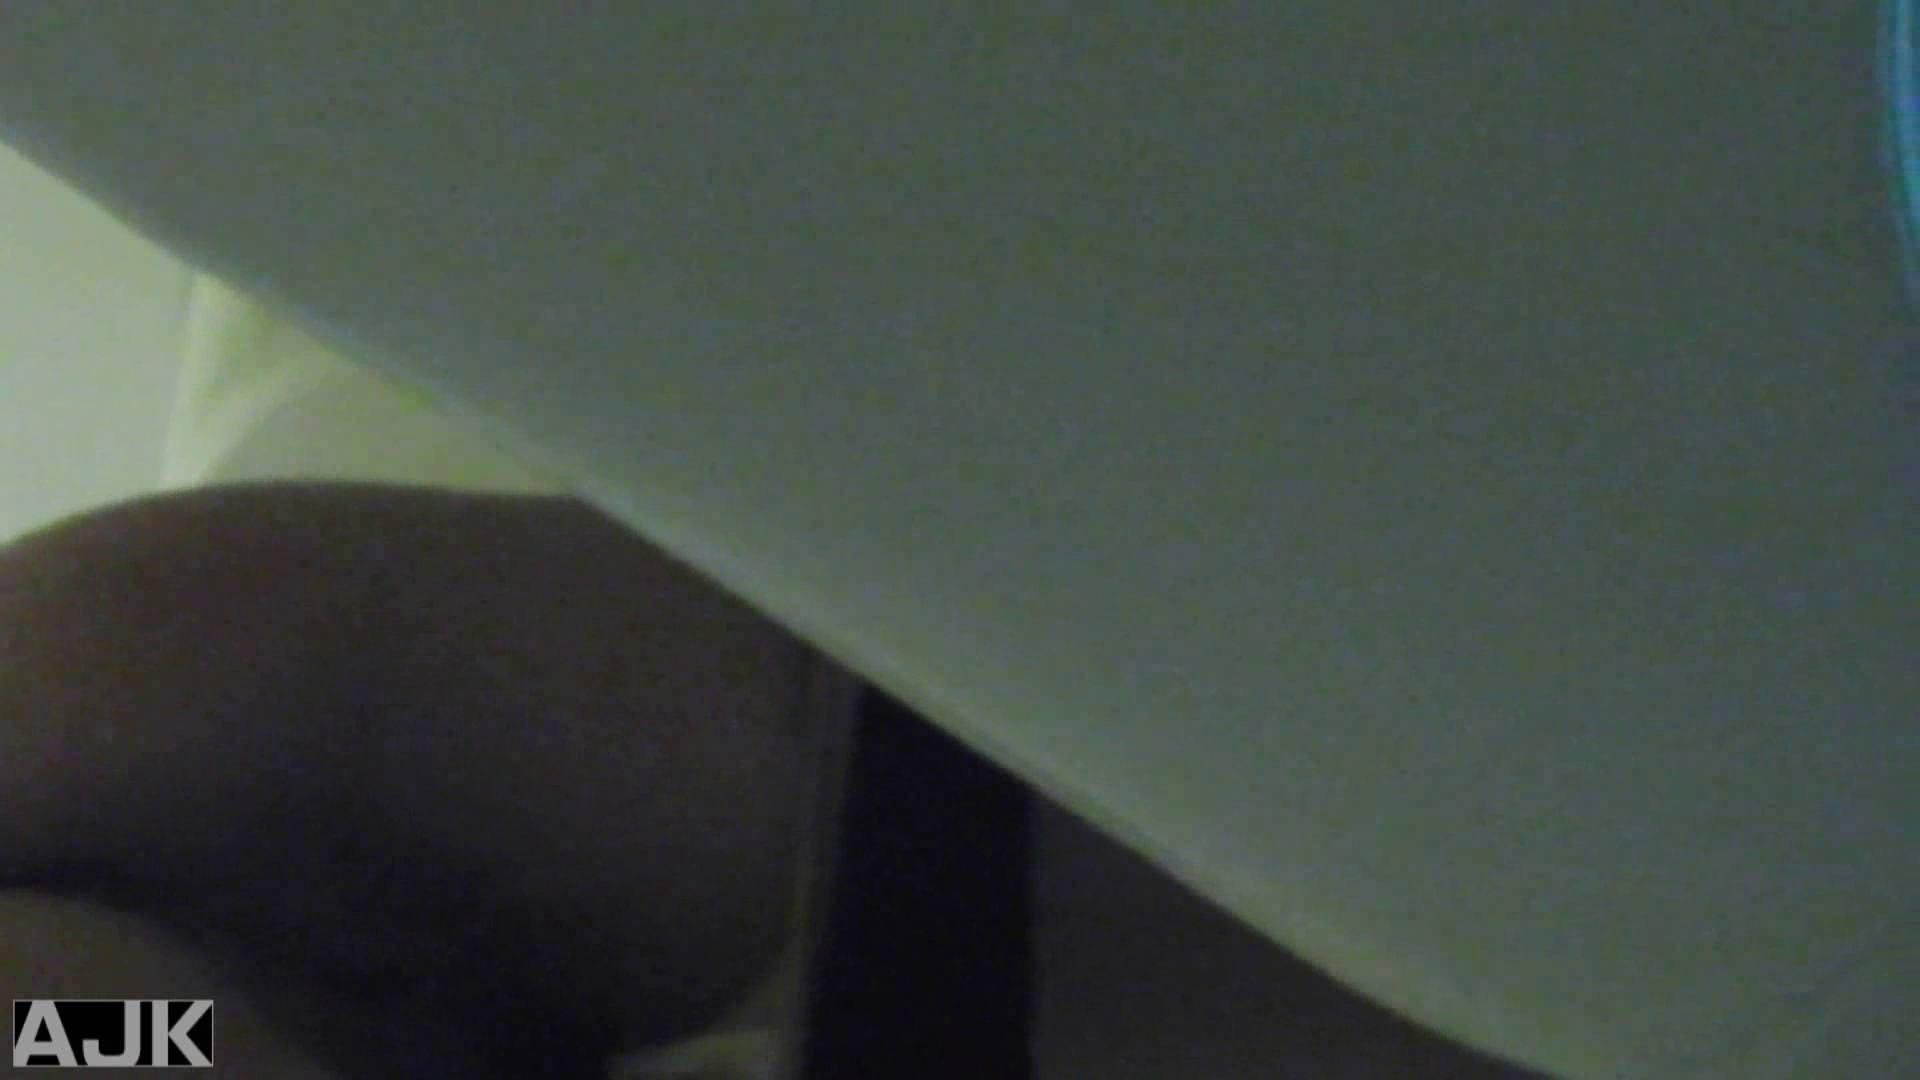 隣国上階級エリアの令嬢たちが集うデパートお手洗い Vol.23 女子トイレの中   マンコ  97画像 1